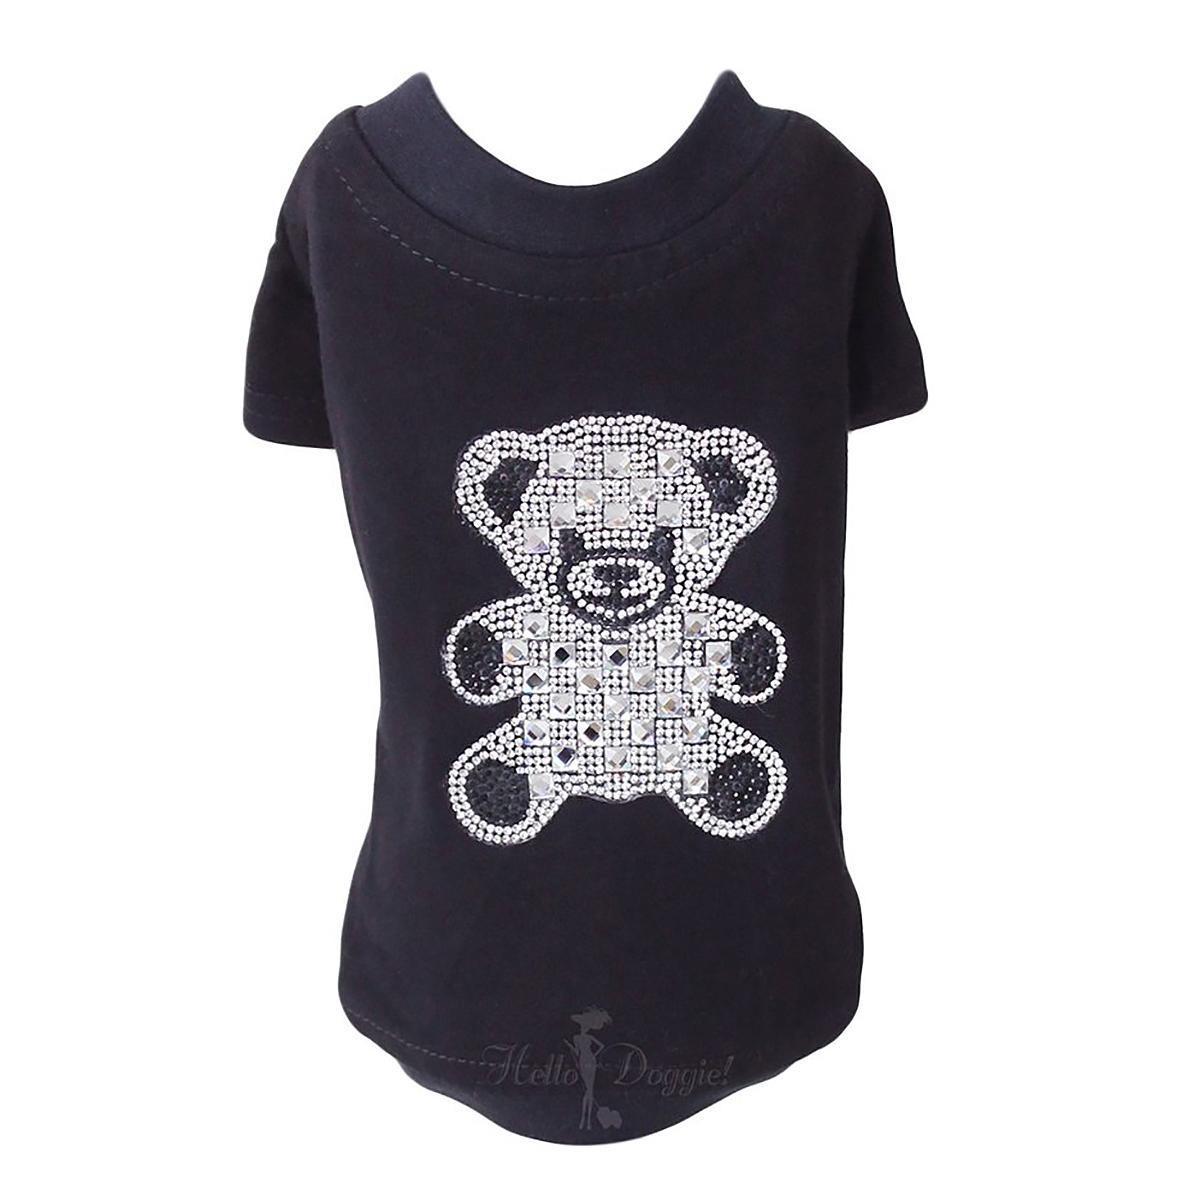 Teddy Bear Dog T-Shirt by Hello Doggie - Black